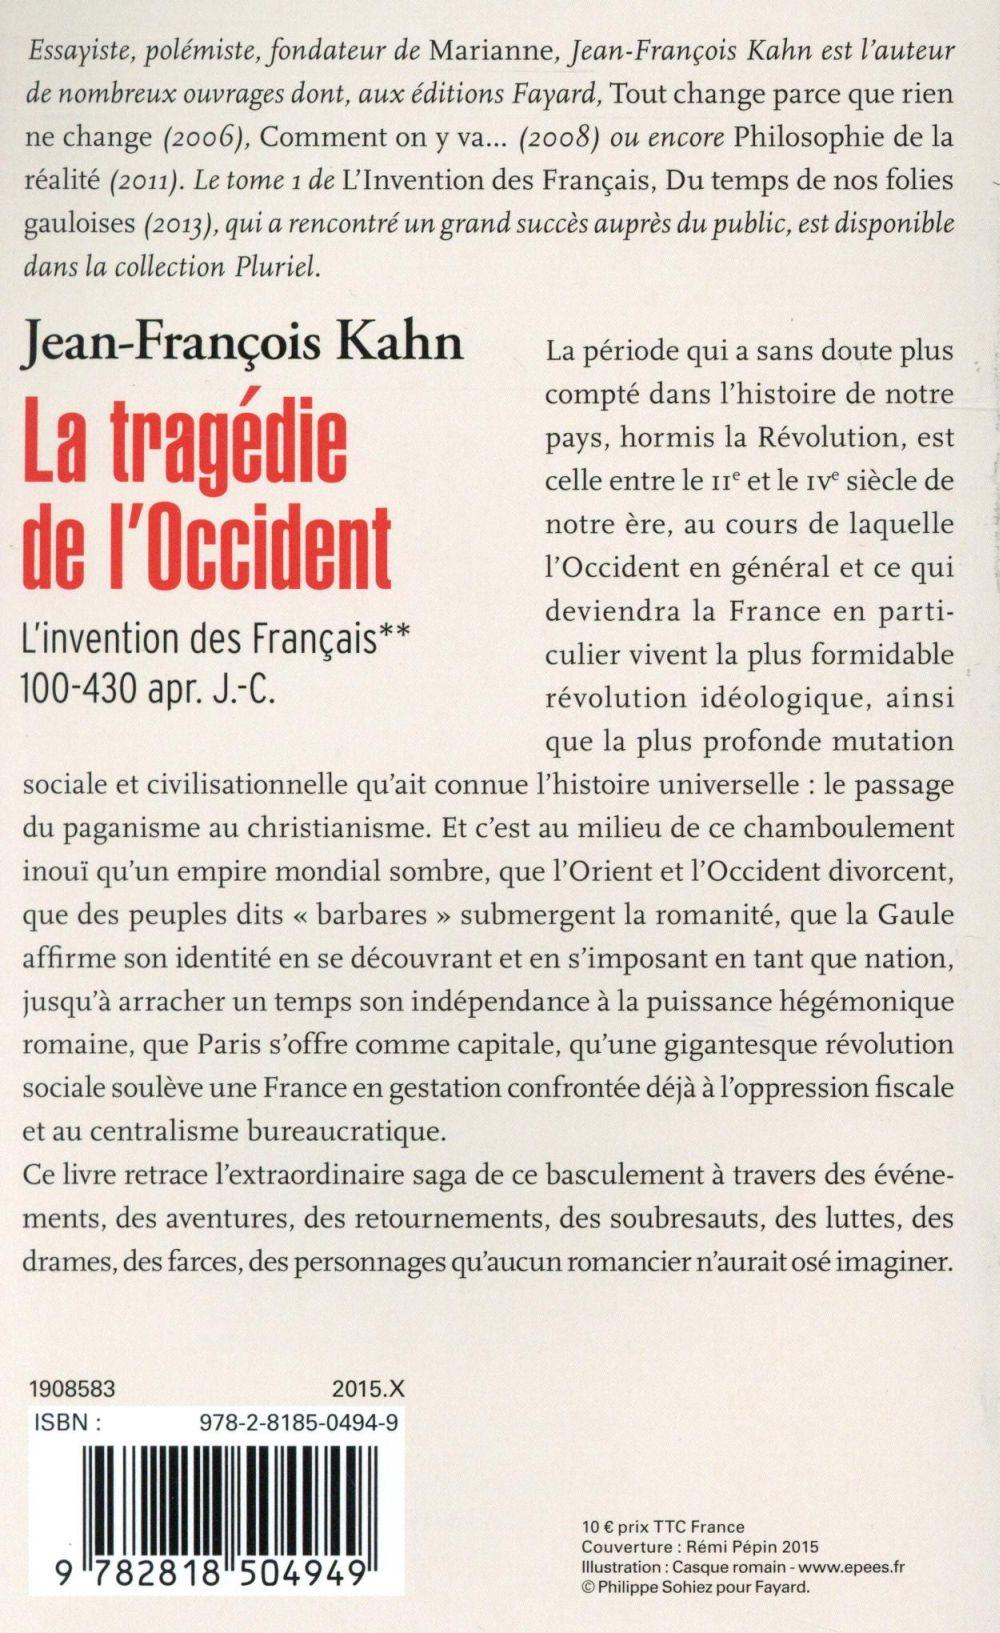 la tragédie de l'Occident ; l'invention des Français ; 100-430 apr. J.-C.